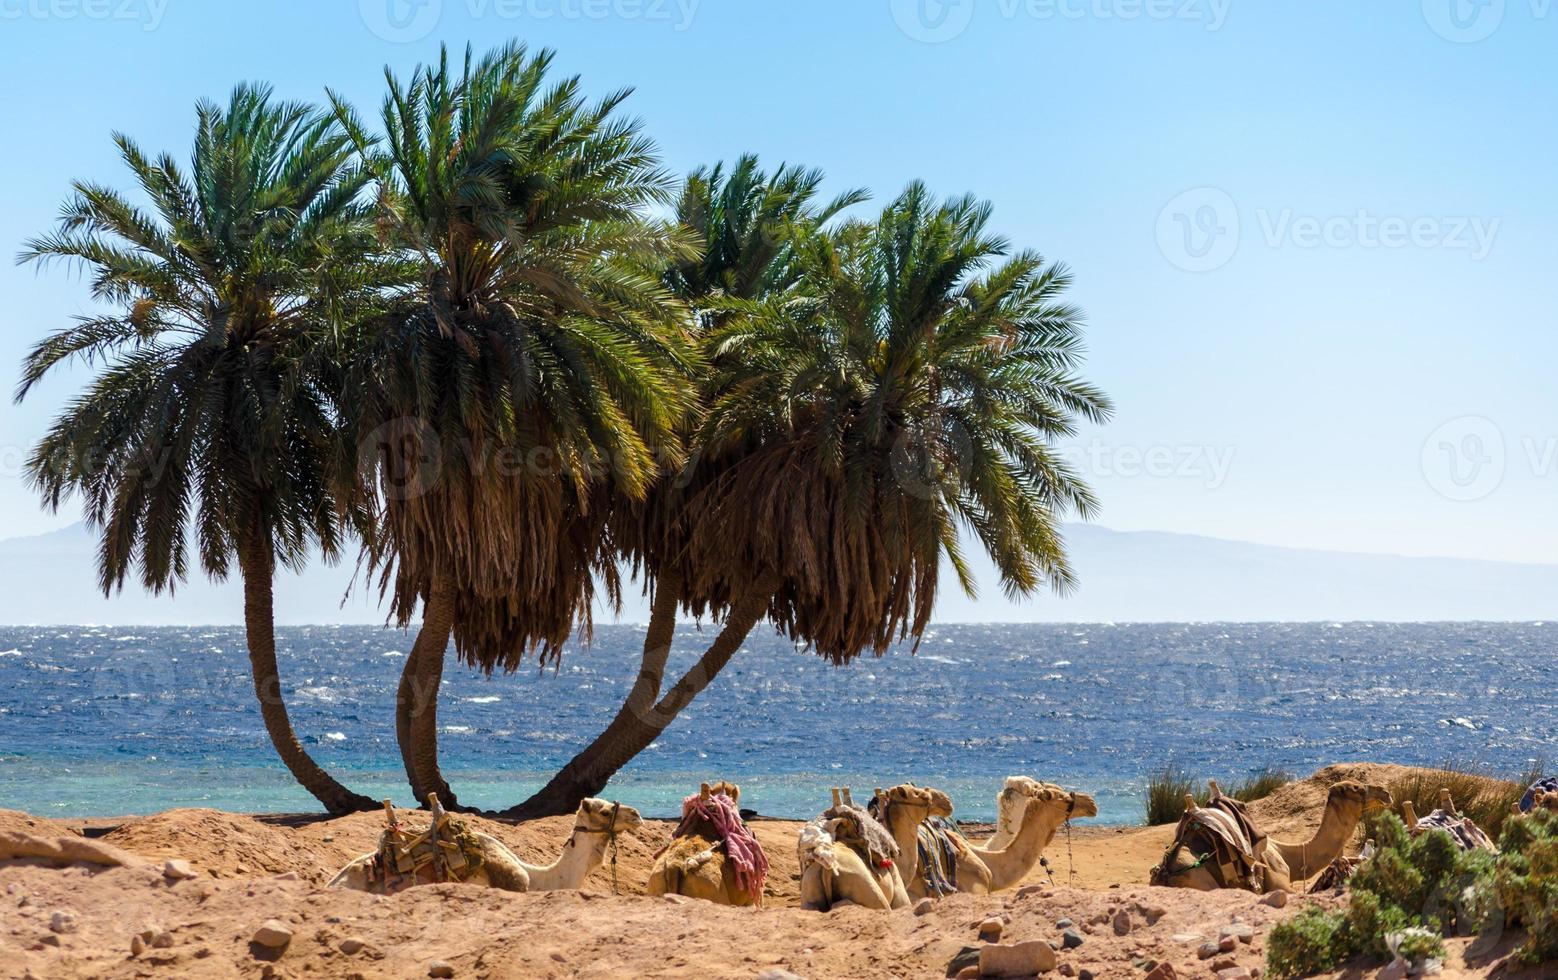 palmiers et chameaux photo